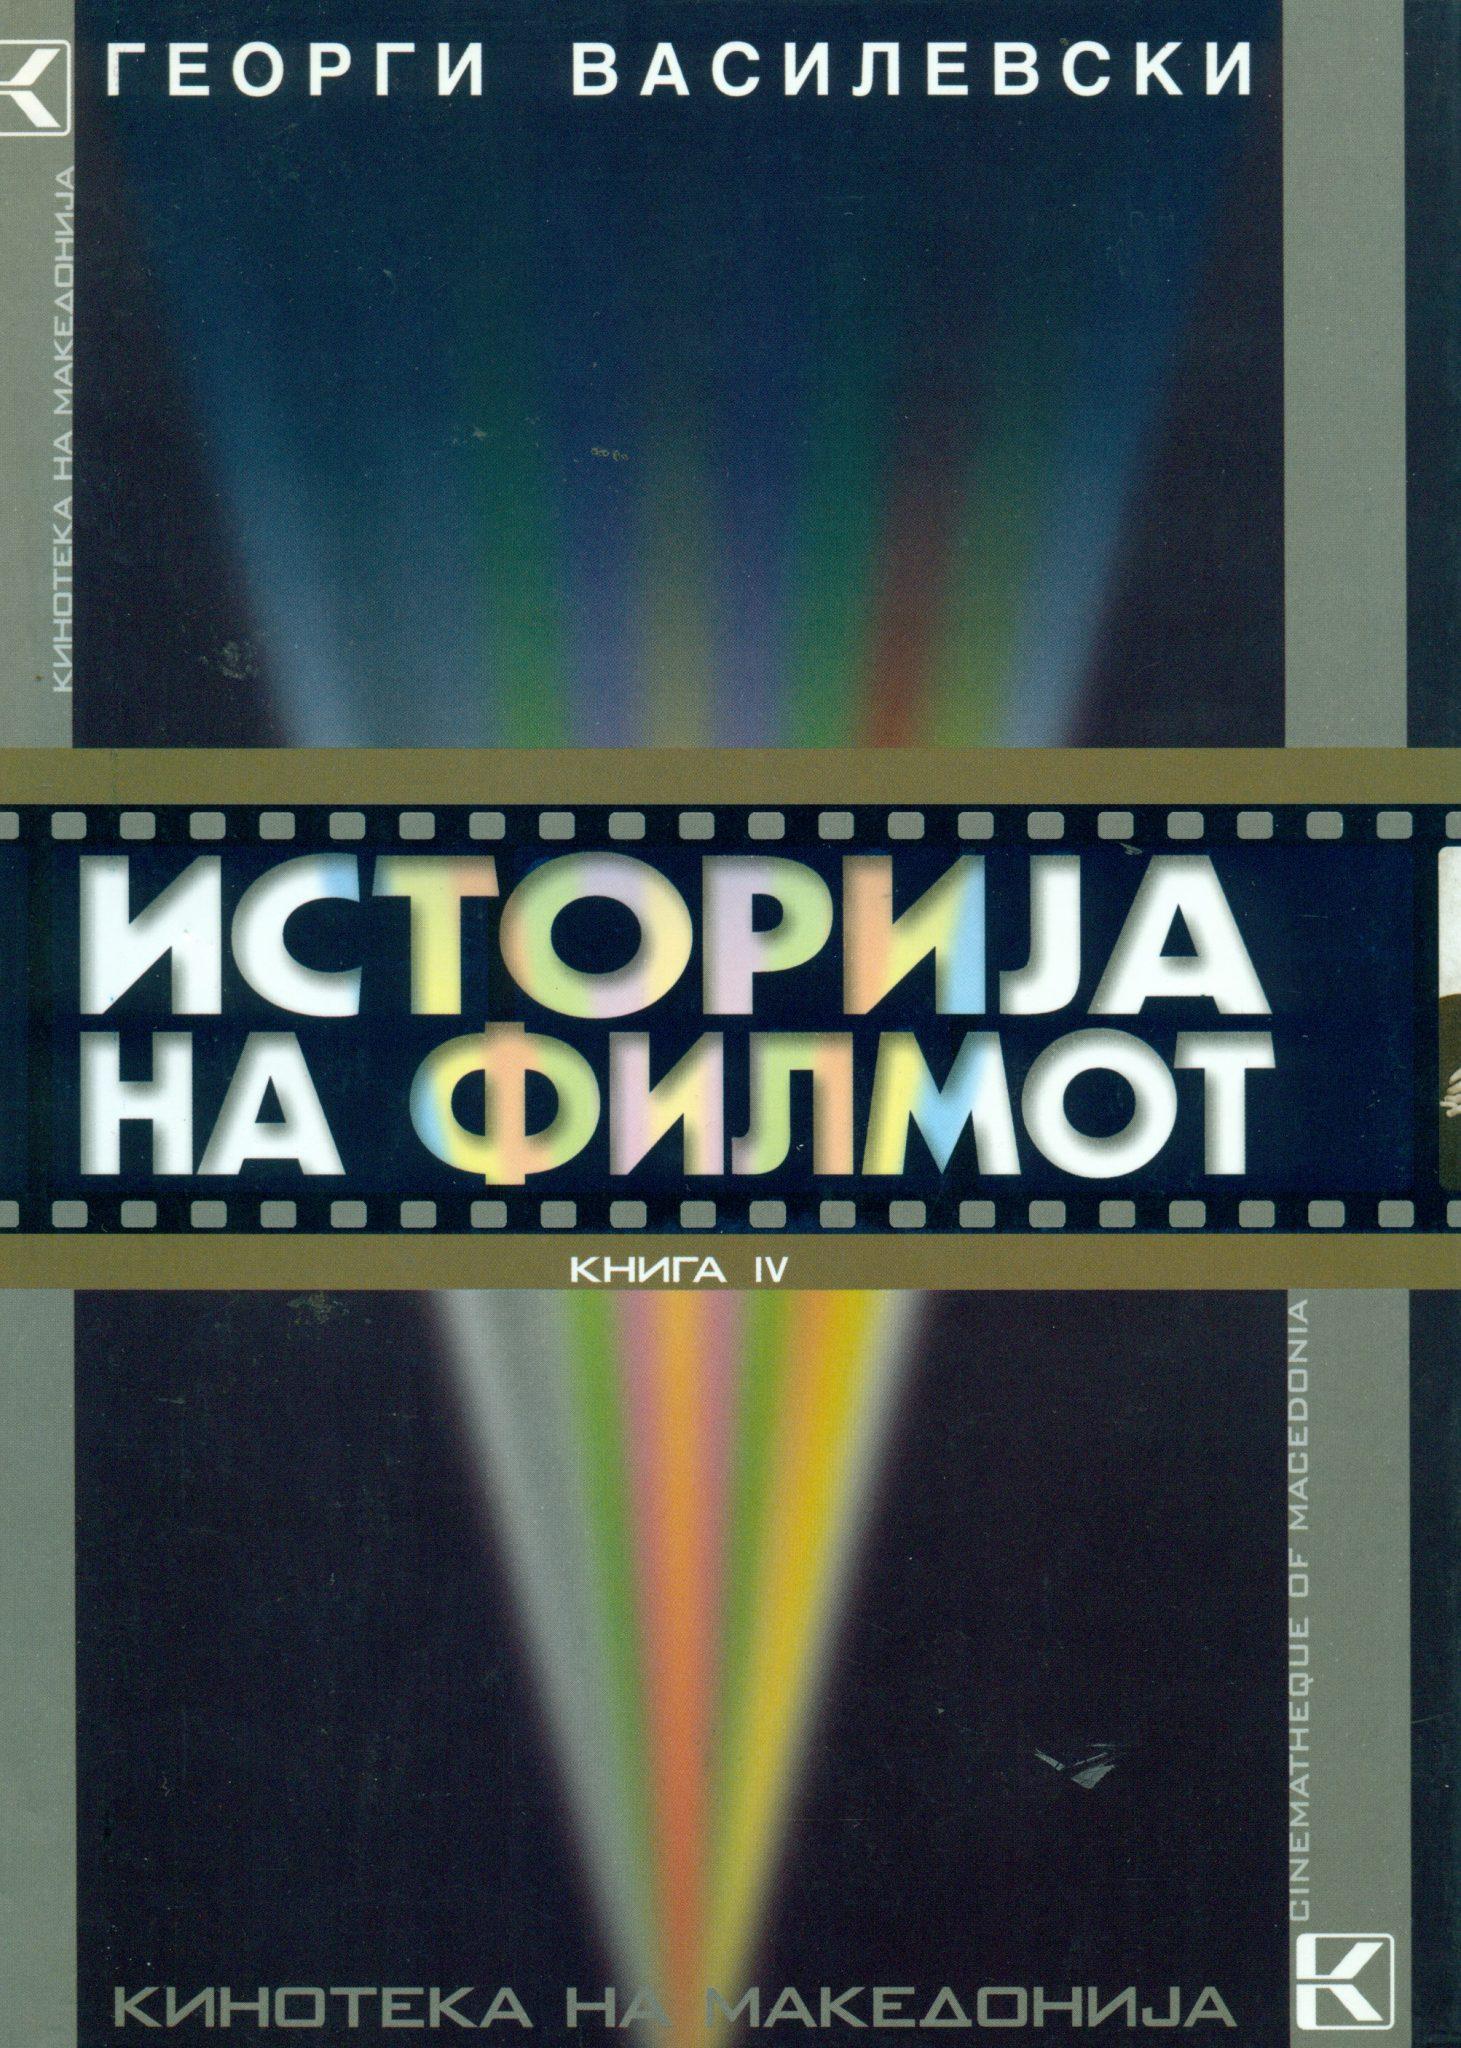 Историја на филмот, книга IV – Консолидација на националните кинематографии (1960-1980)